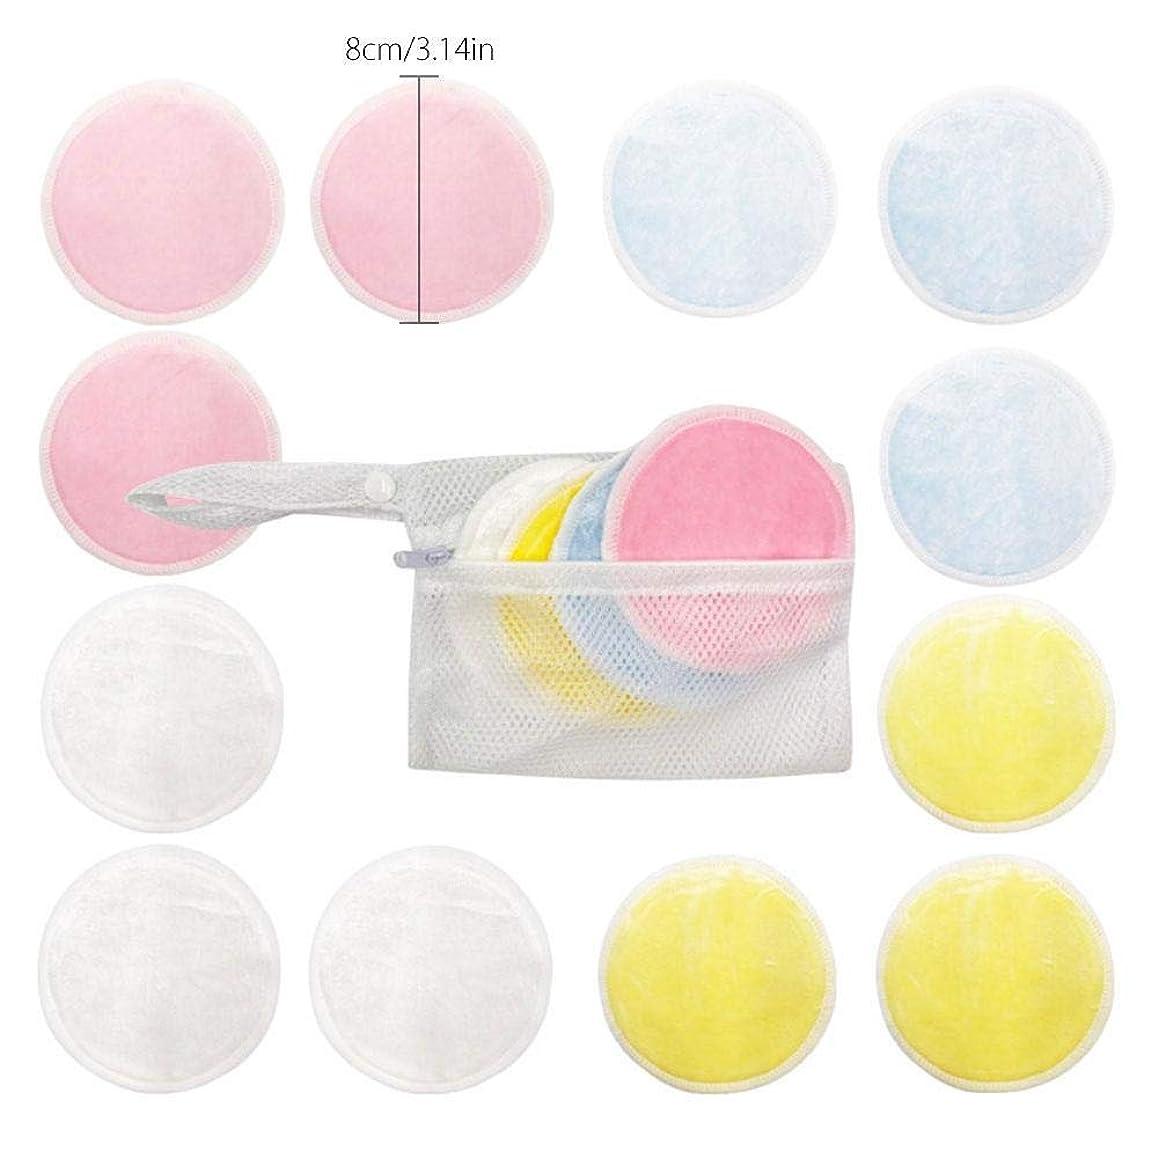 ファイナンス栄光のご覧くださいユニセックス 洗面再利用可能 3層化粧品除去パッド顔清潔ワイプ 化粧落としコットン 肌に優しい 20セット